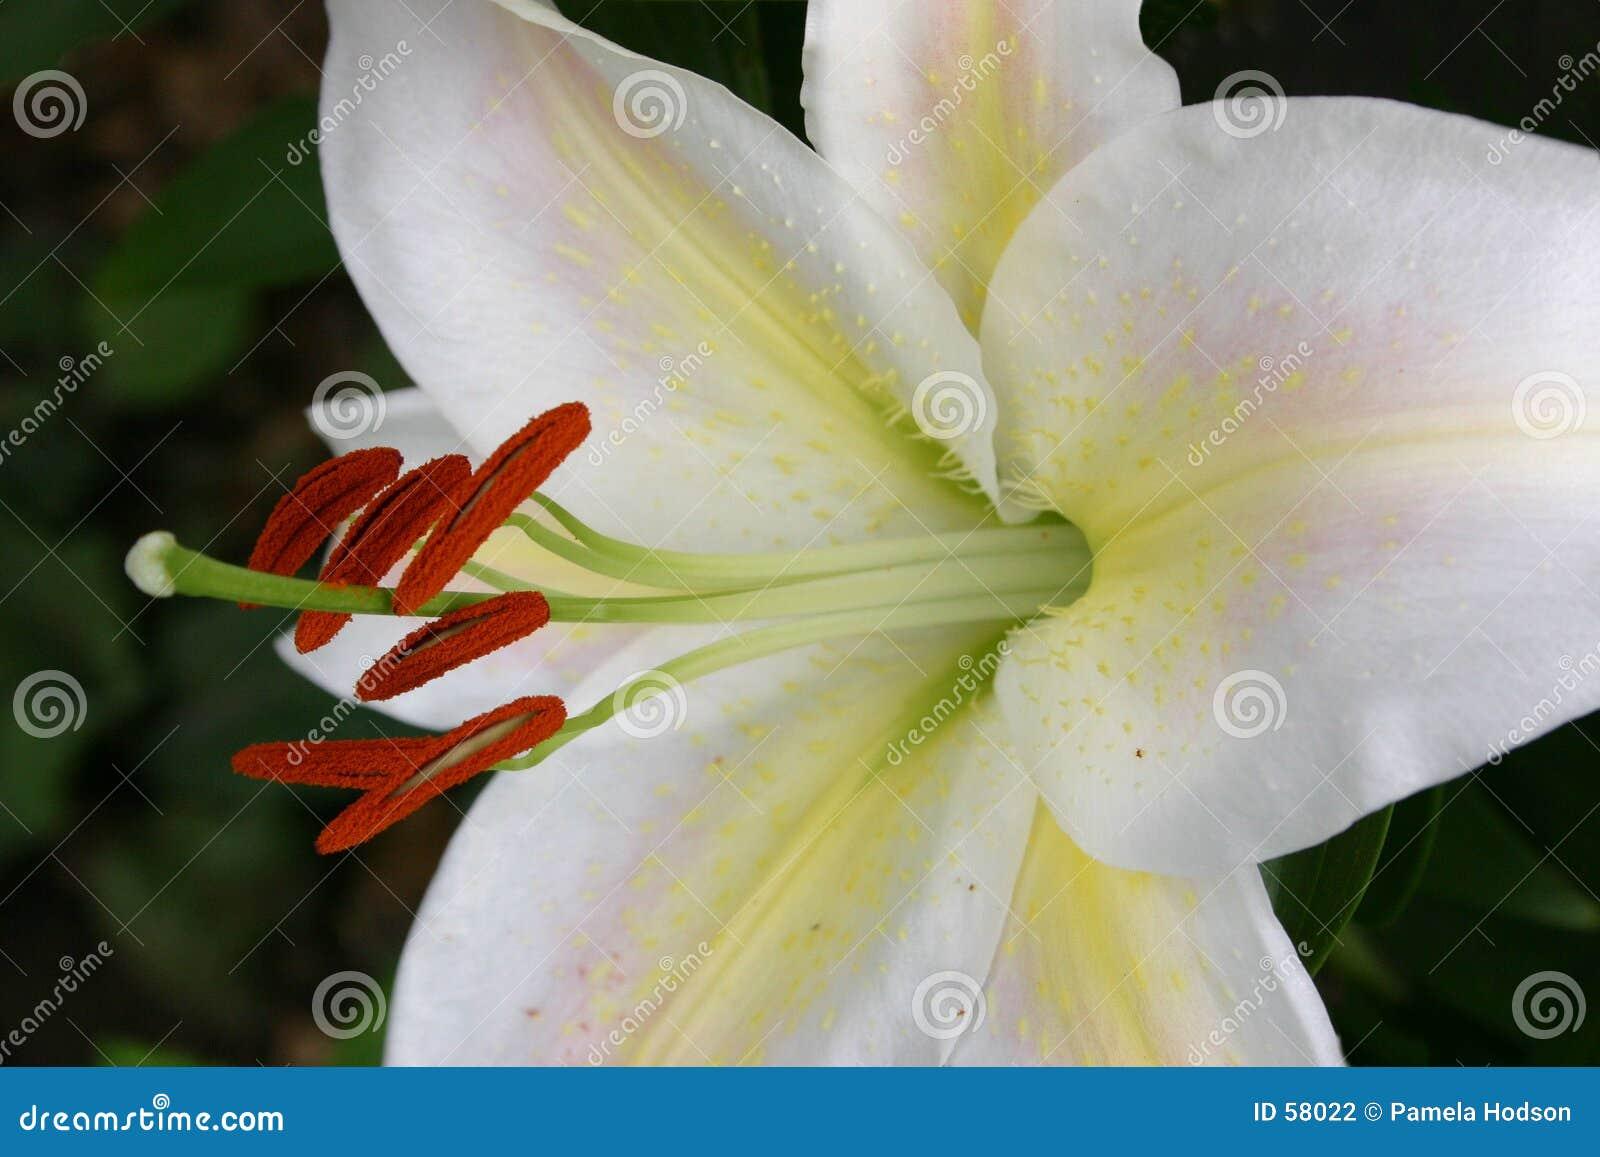 Download Brillant fin photo stock. Image du macro, floral, fleur - 58022